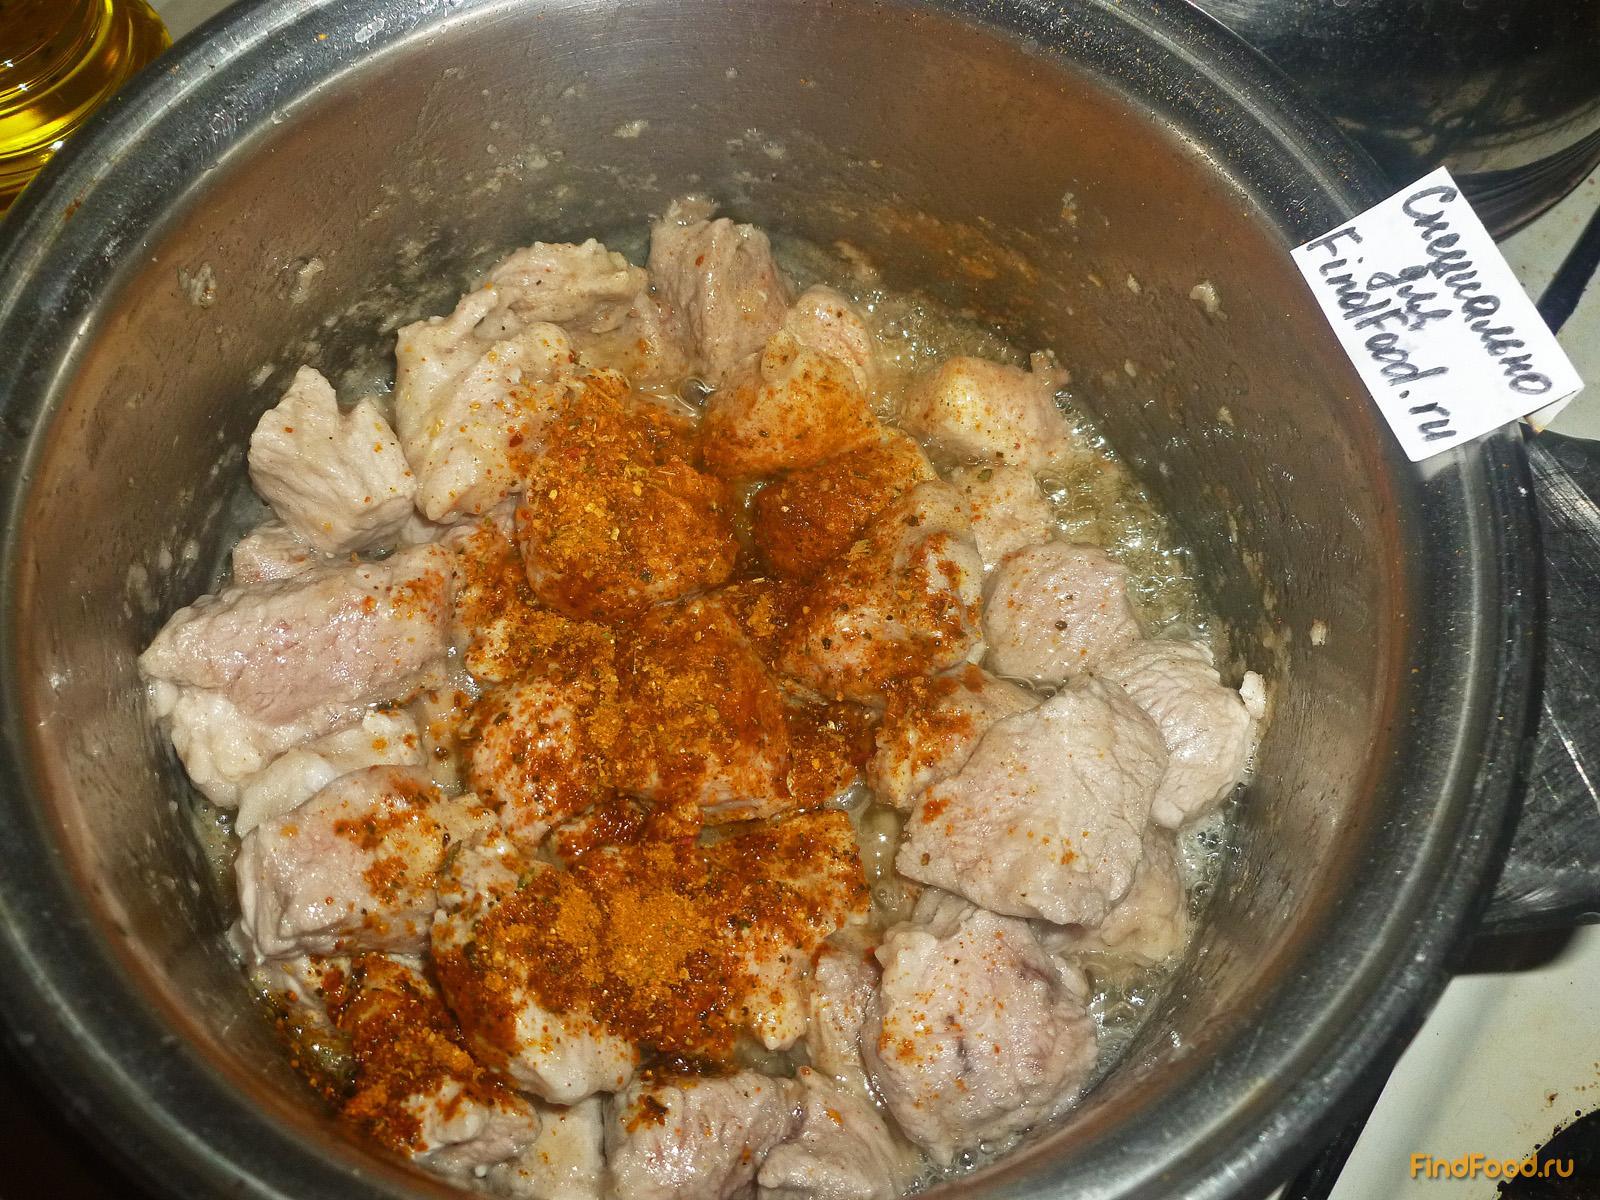 Соус из свинины в мультиварке рецепт пошагово